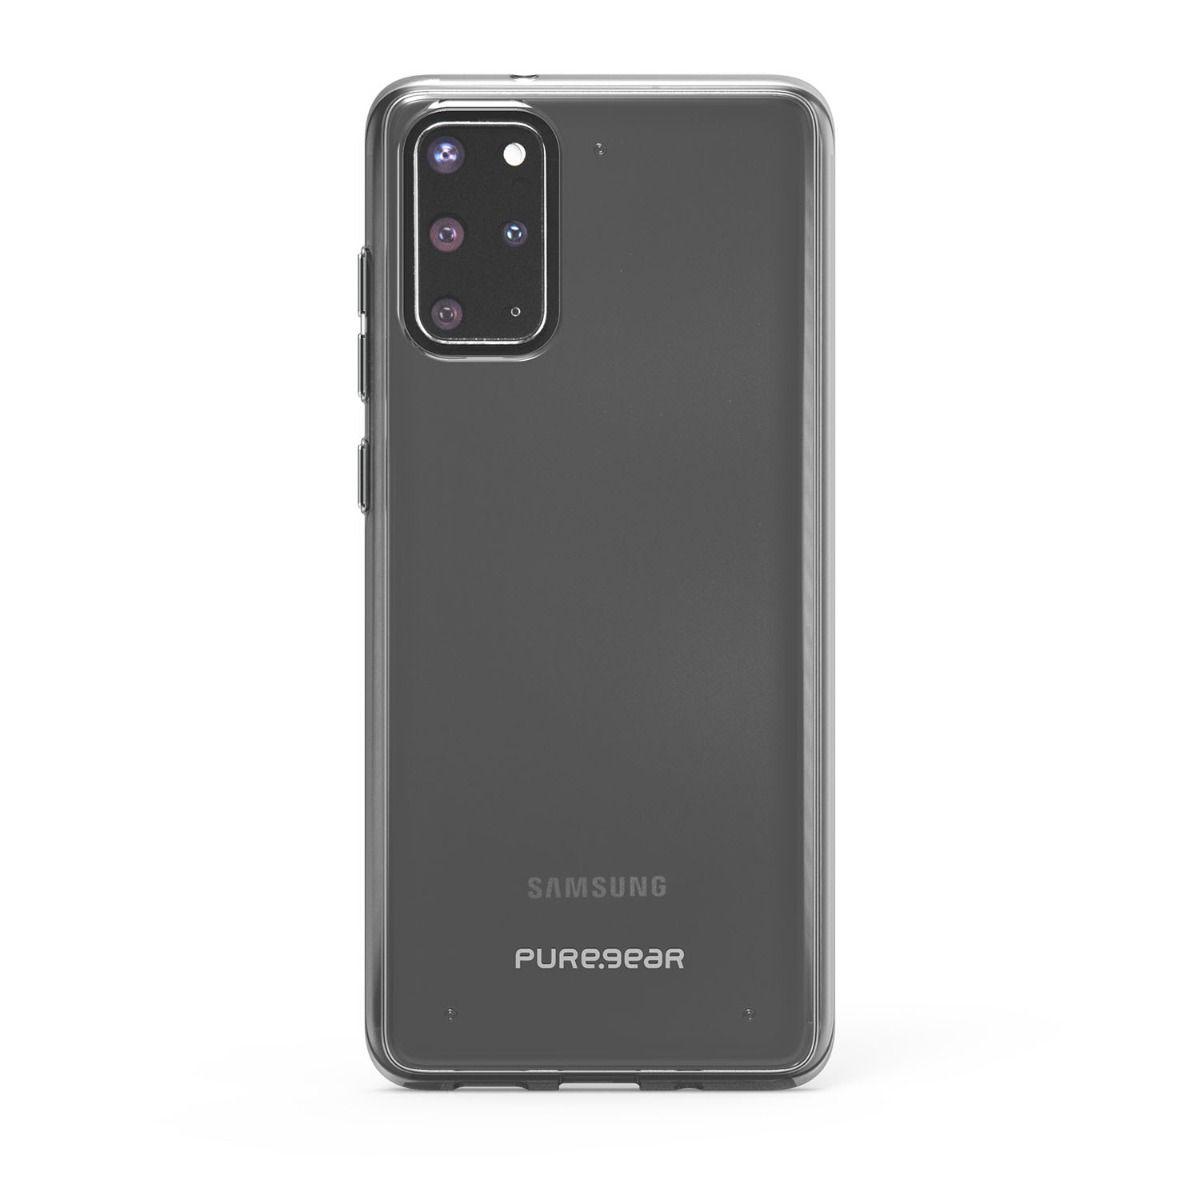 Samsung Galaxy S20+ Slim Shell Case - Clear/Black